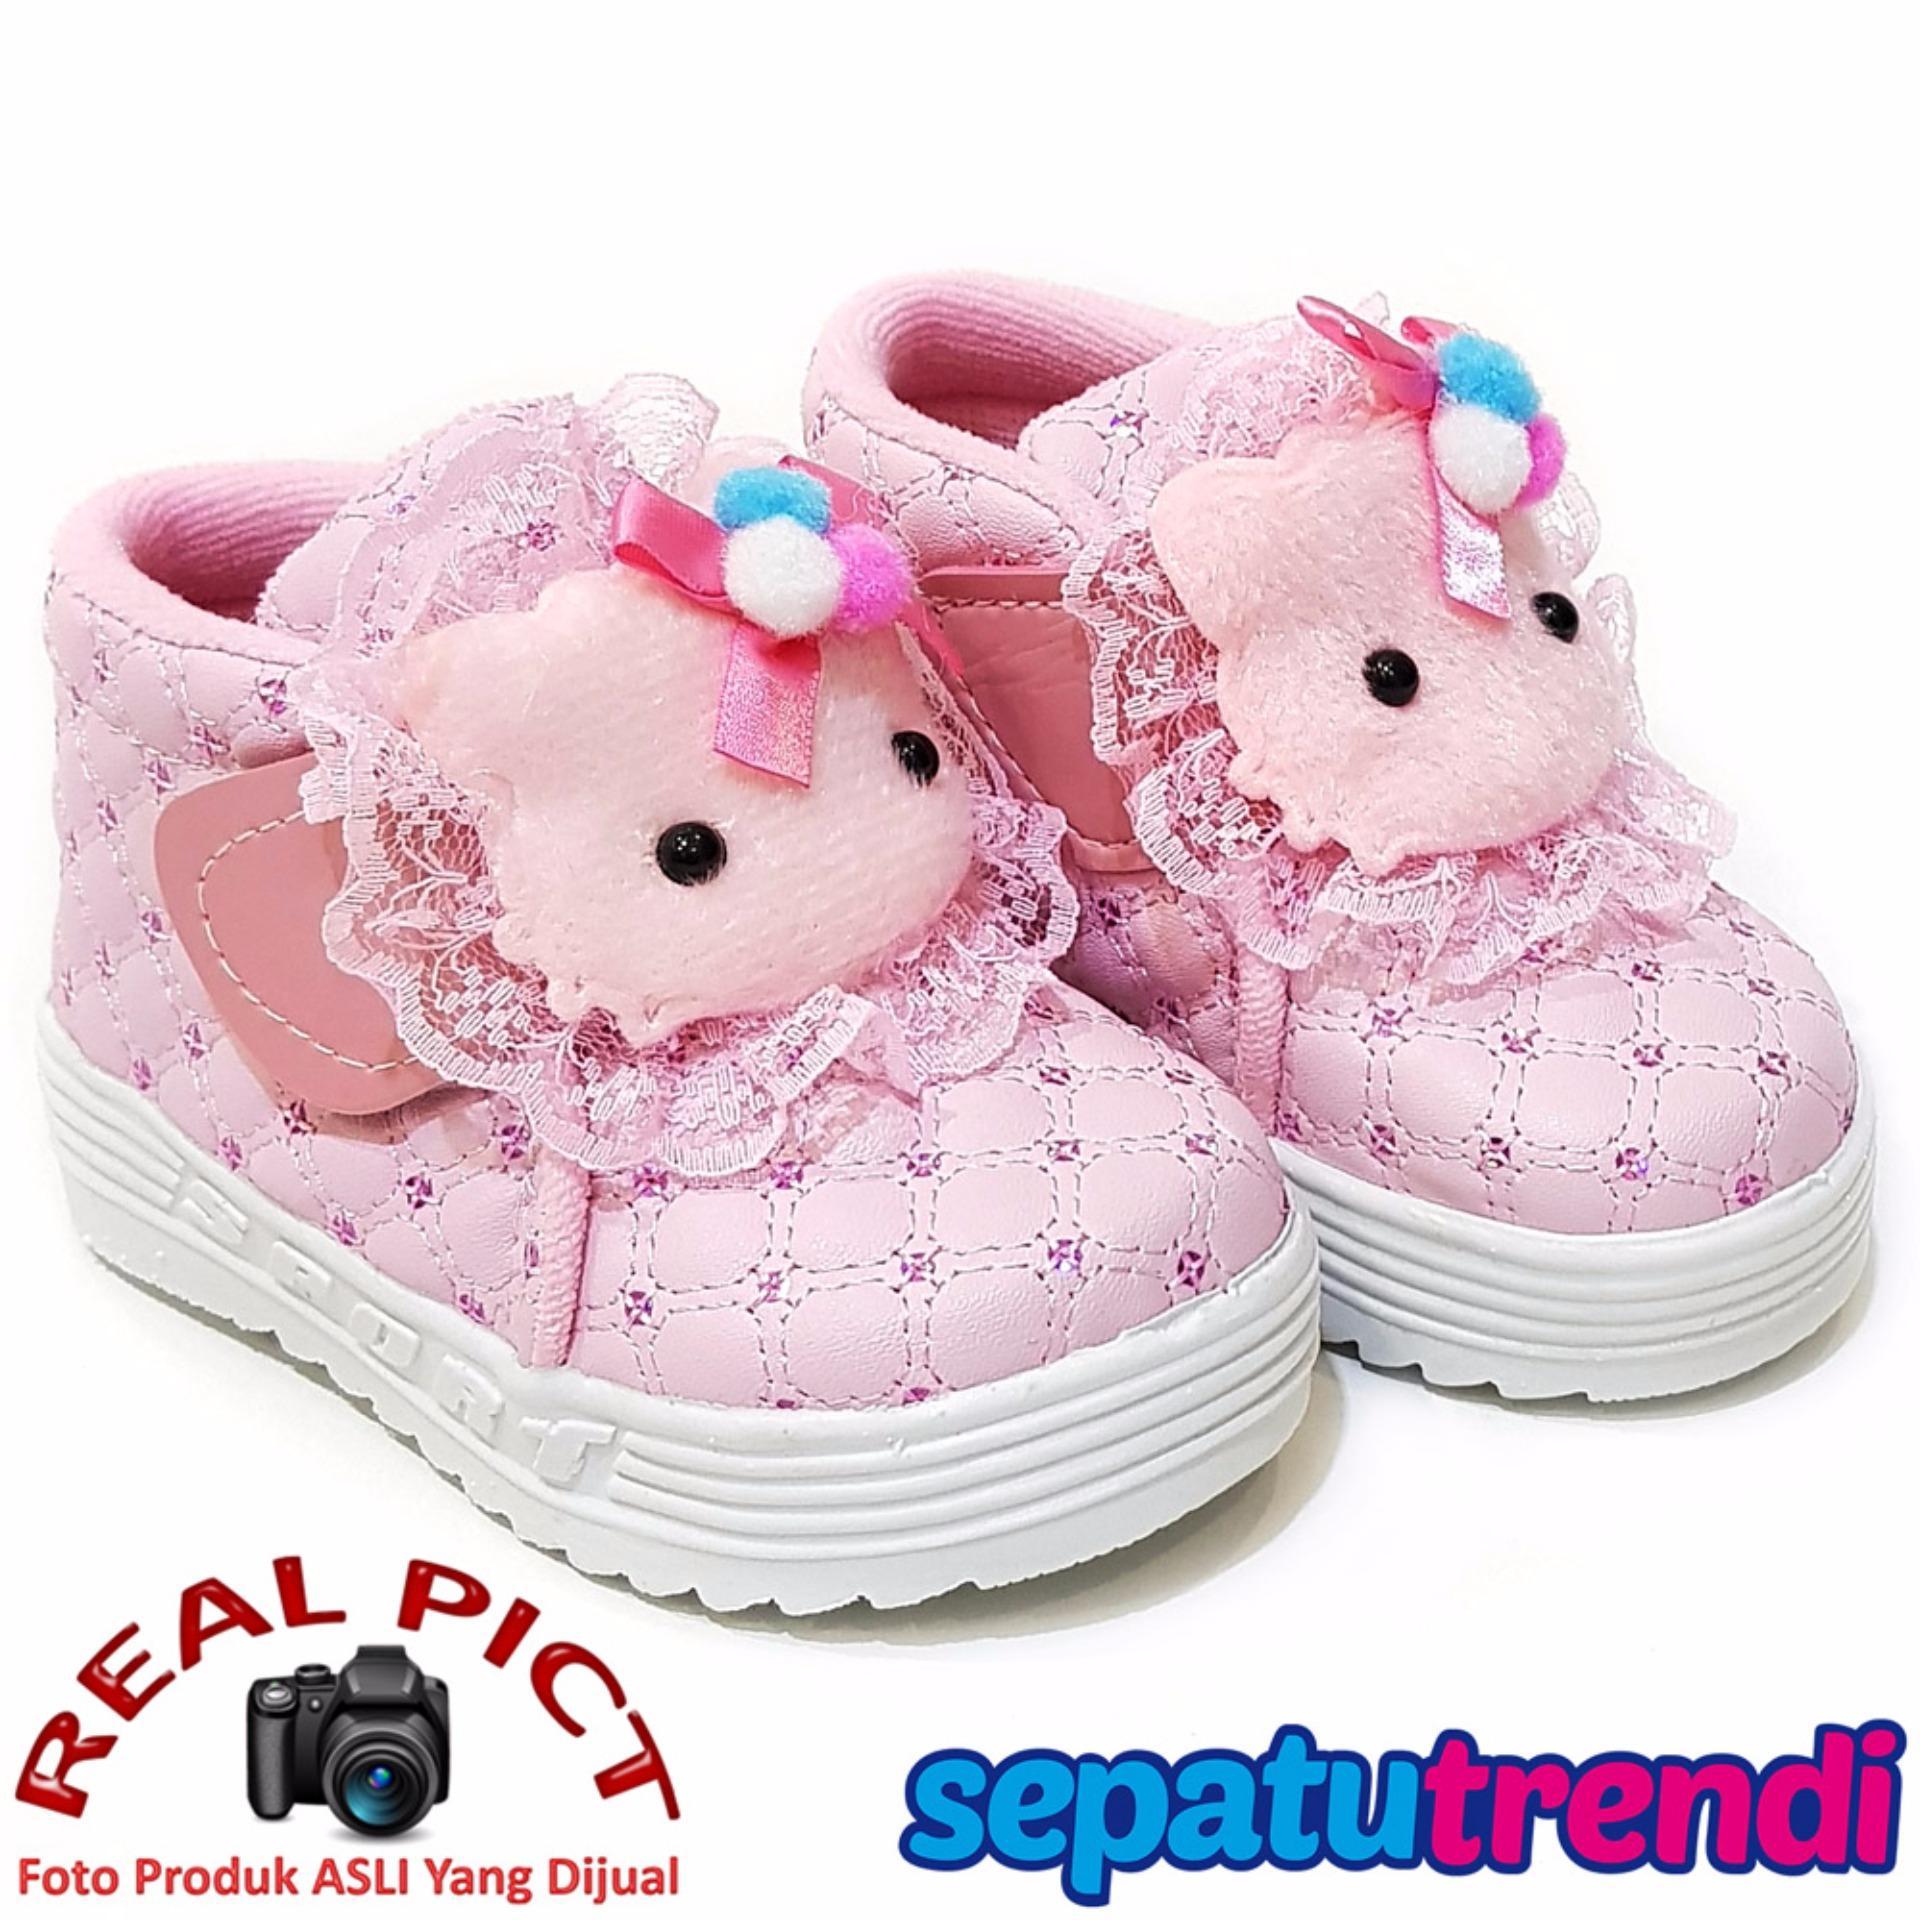 Review Trendishoes Sepatu Anak Bayi Perempuan Semi Boot Boneka Sbnk Pink Trendishoes Di Indonesia